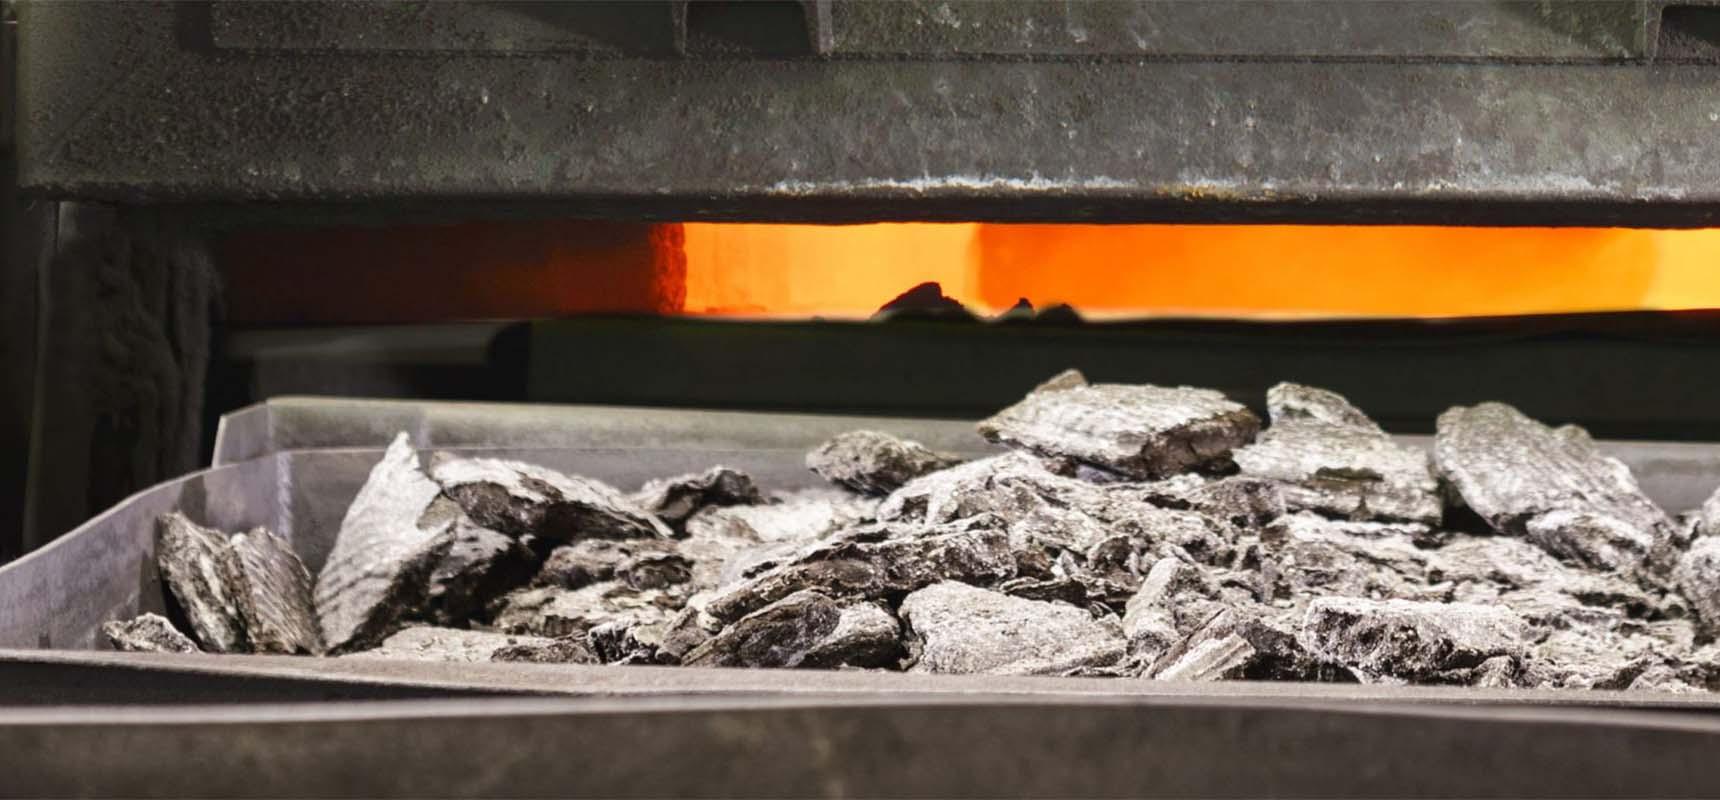 回收范围:我们回收国内外含贵金属的工业废料、废渣,成品半成品。